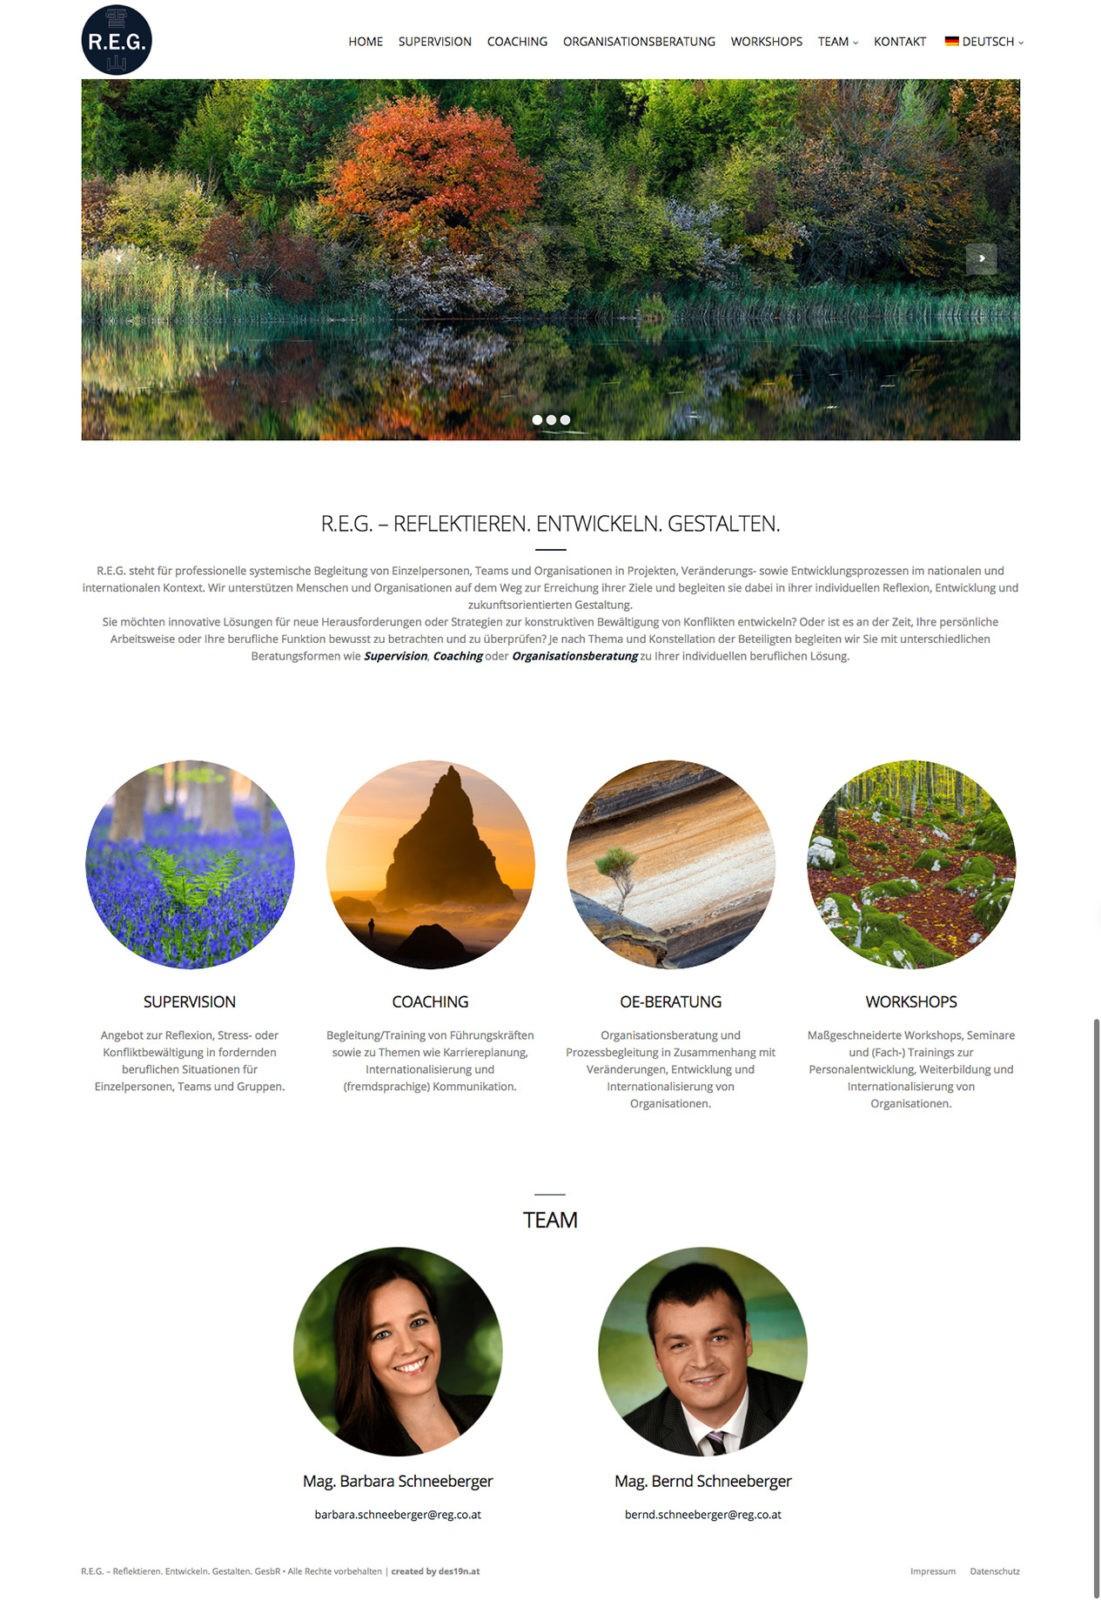 Kunde für Webdesign REG.CO.AT - Reflektieren.Entwickeln.Gestalten.